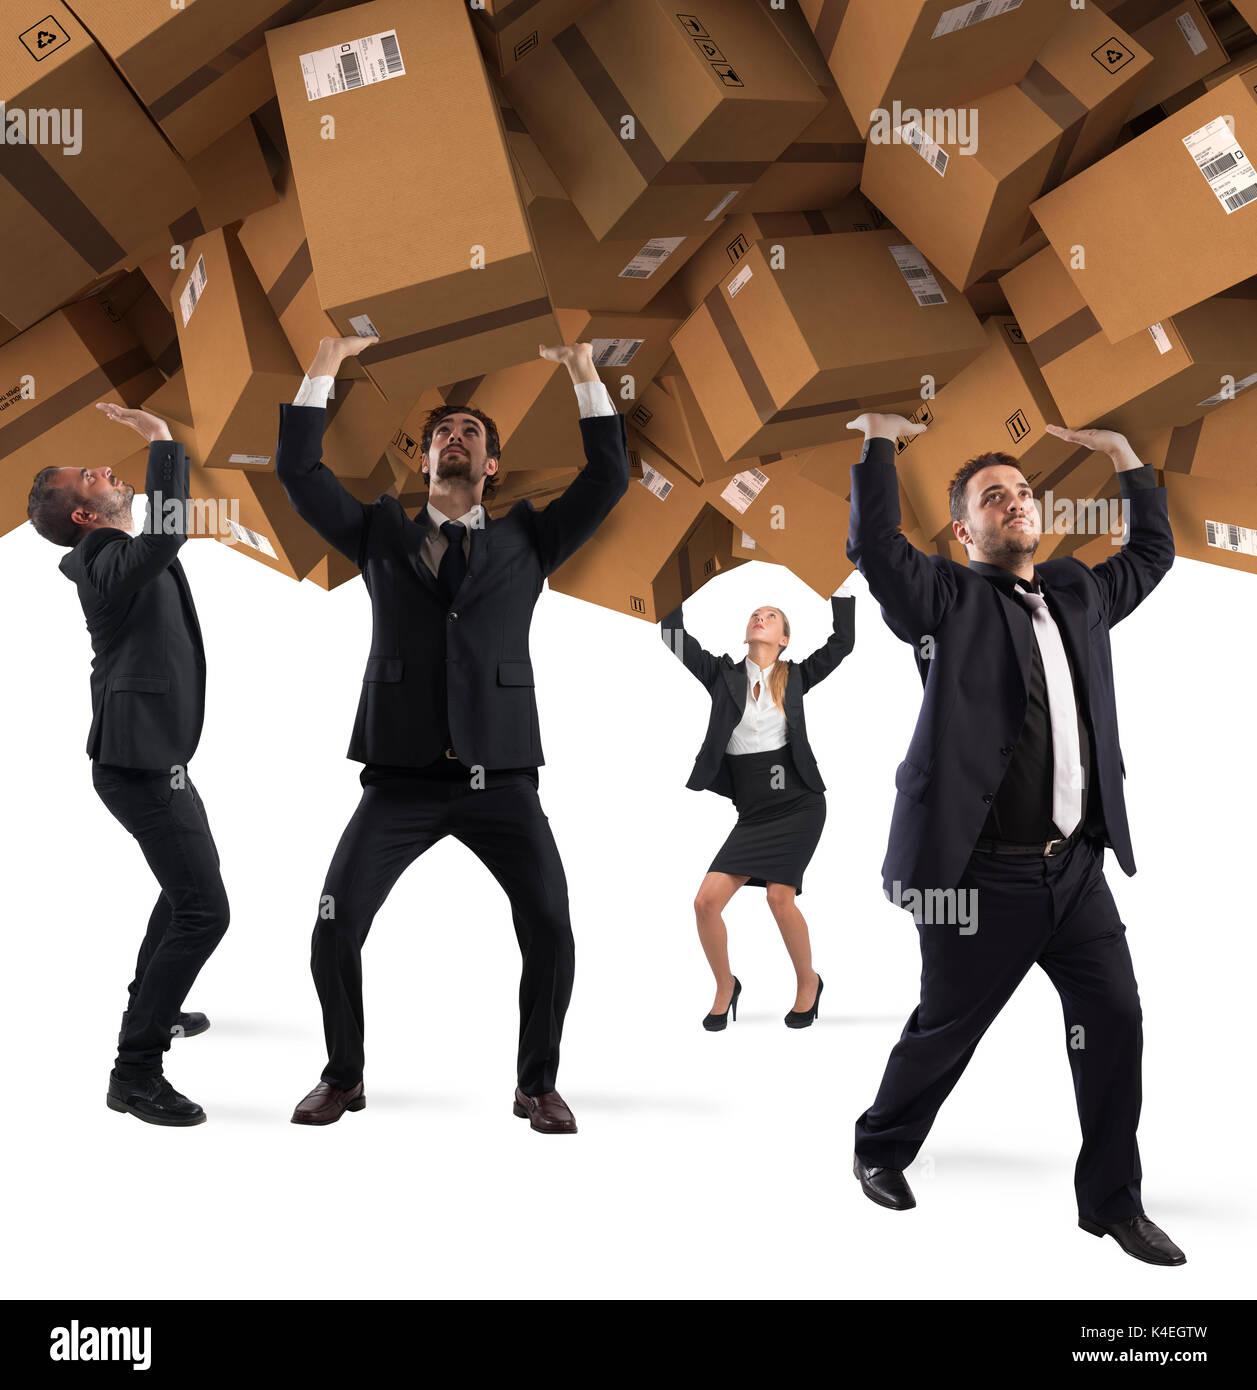 Personnes ensevelies par une pile de boîtes en carton. Notion de dépendance aux achats sur internet Photo Stock